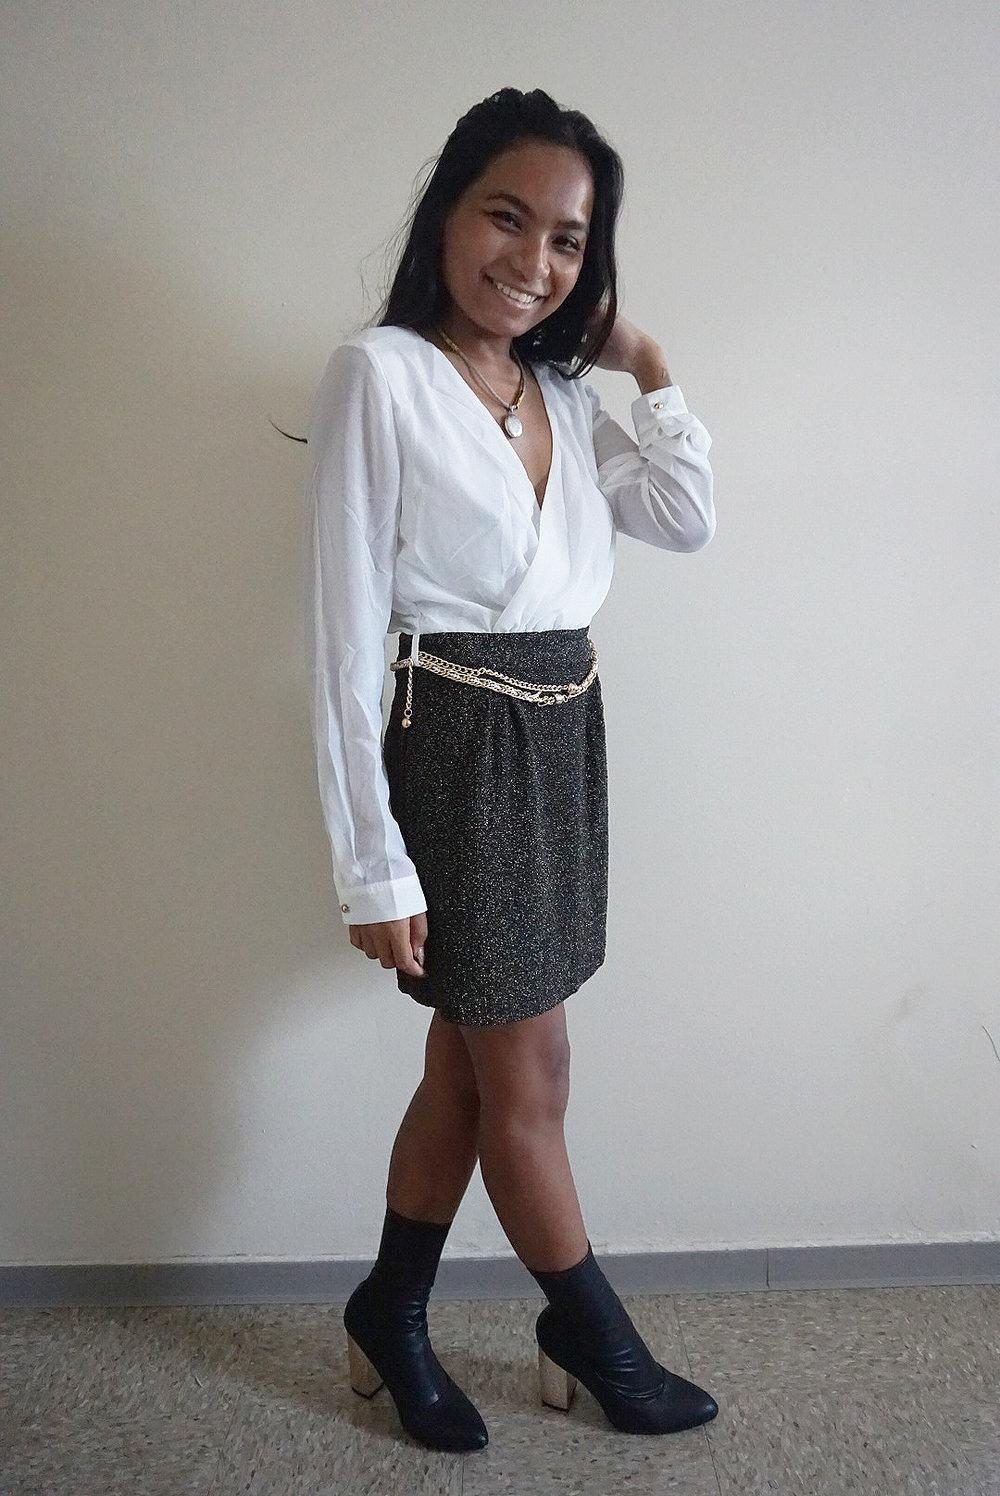 Two-Toned-Amiclubwear-Dress-Fall-Style-Blogger-LINDATENCHITRAN-2-1616x1080.jpg